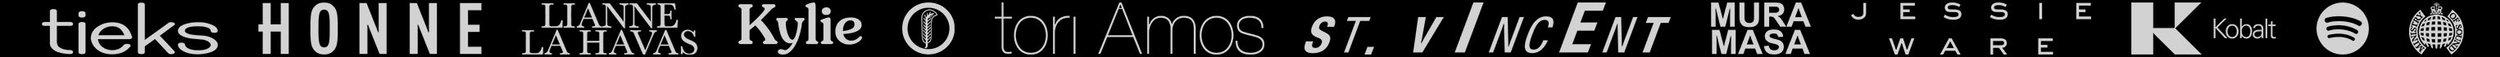 ALL LOGOS_04.jpg